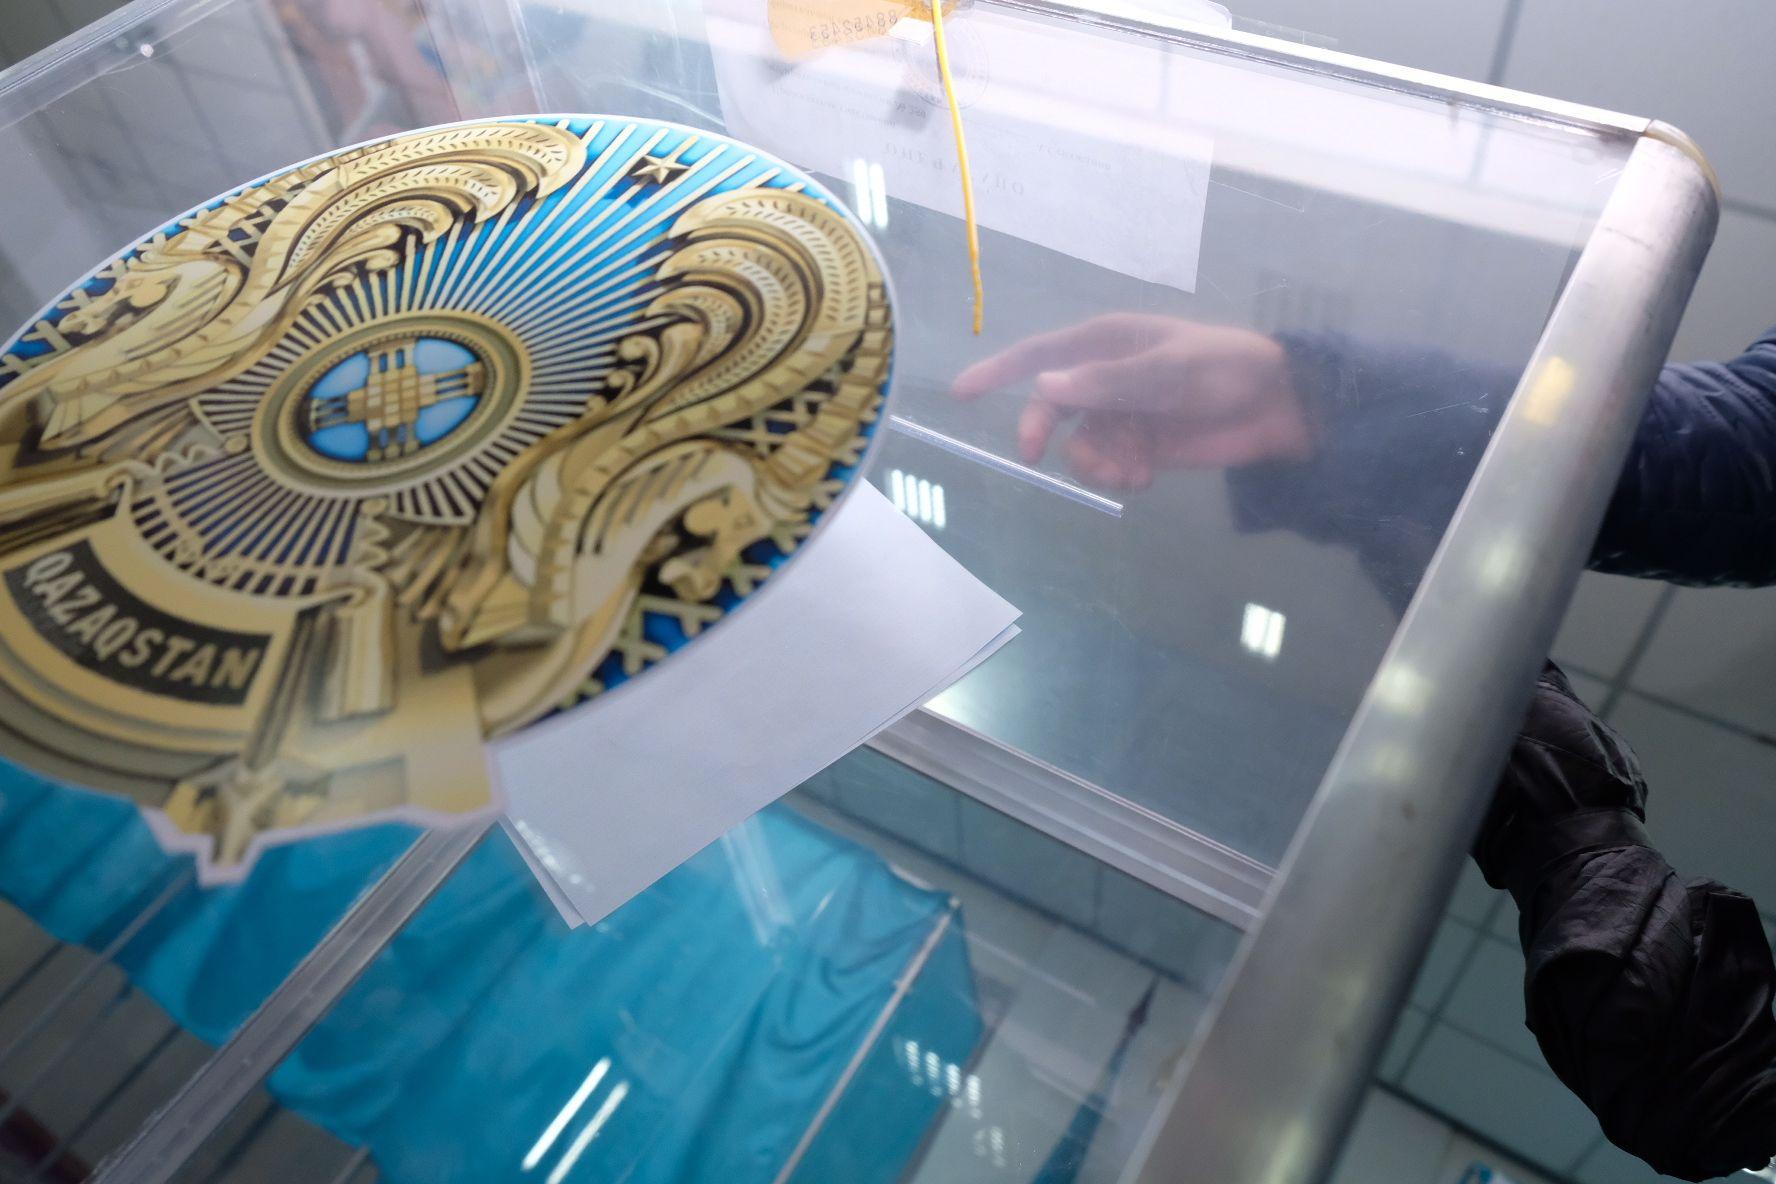 В избирательной комиссии Алматы прокомментировали претензии граждан- Kapital.kz